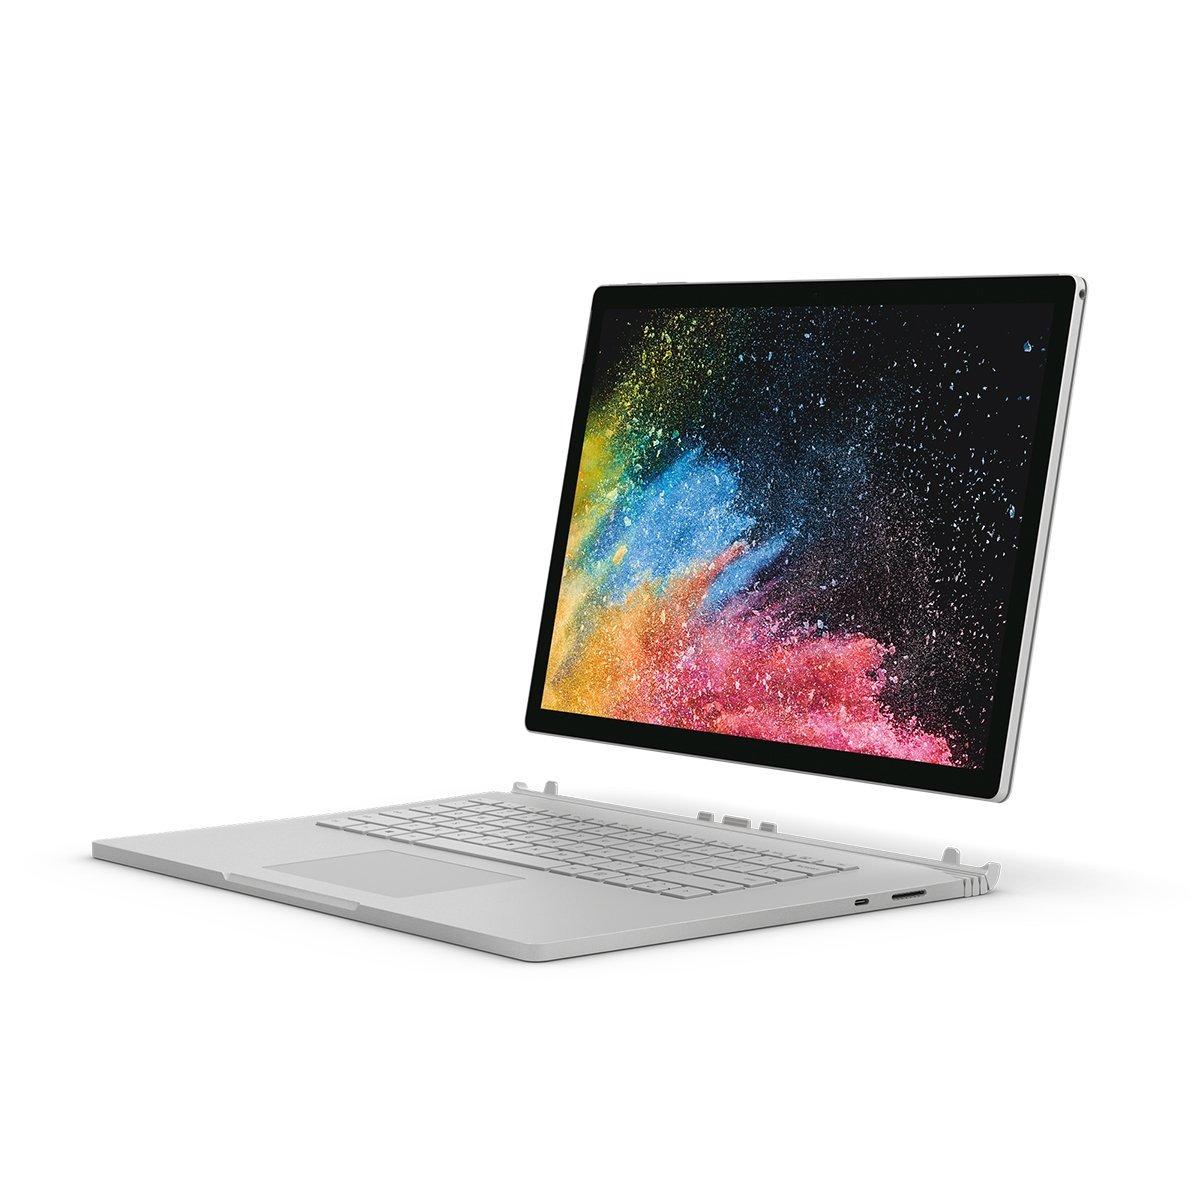 mejores portatiles para edicion video - Microsoft Surface book2